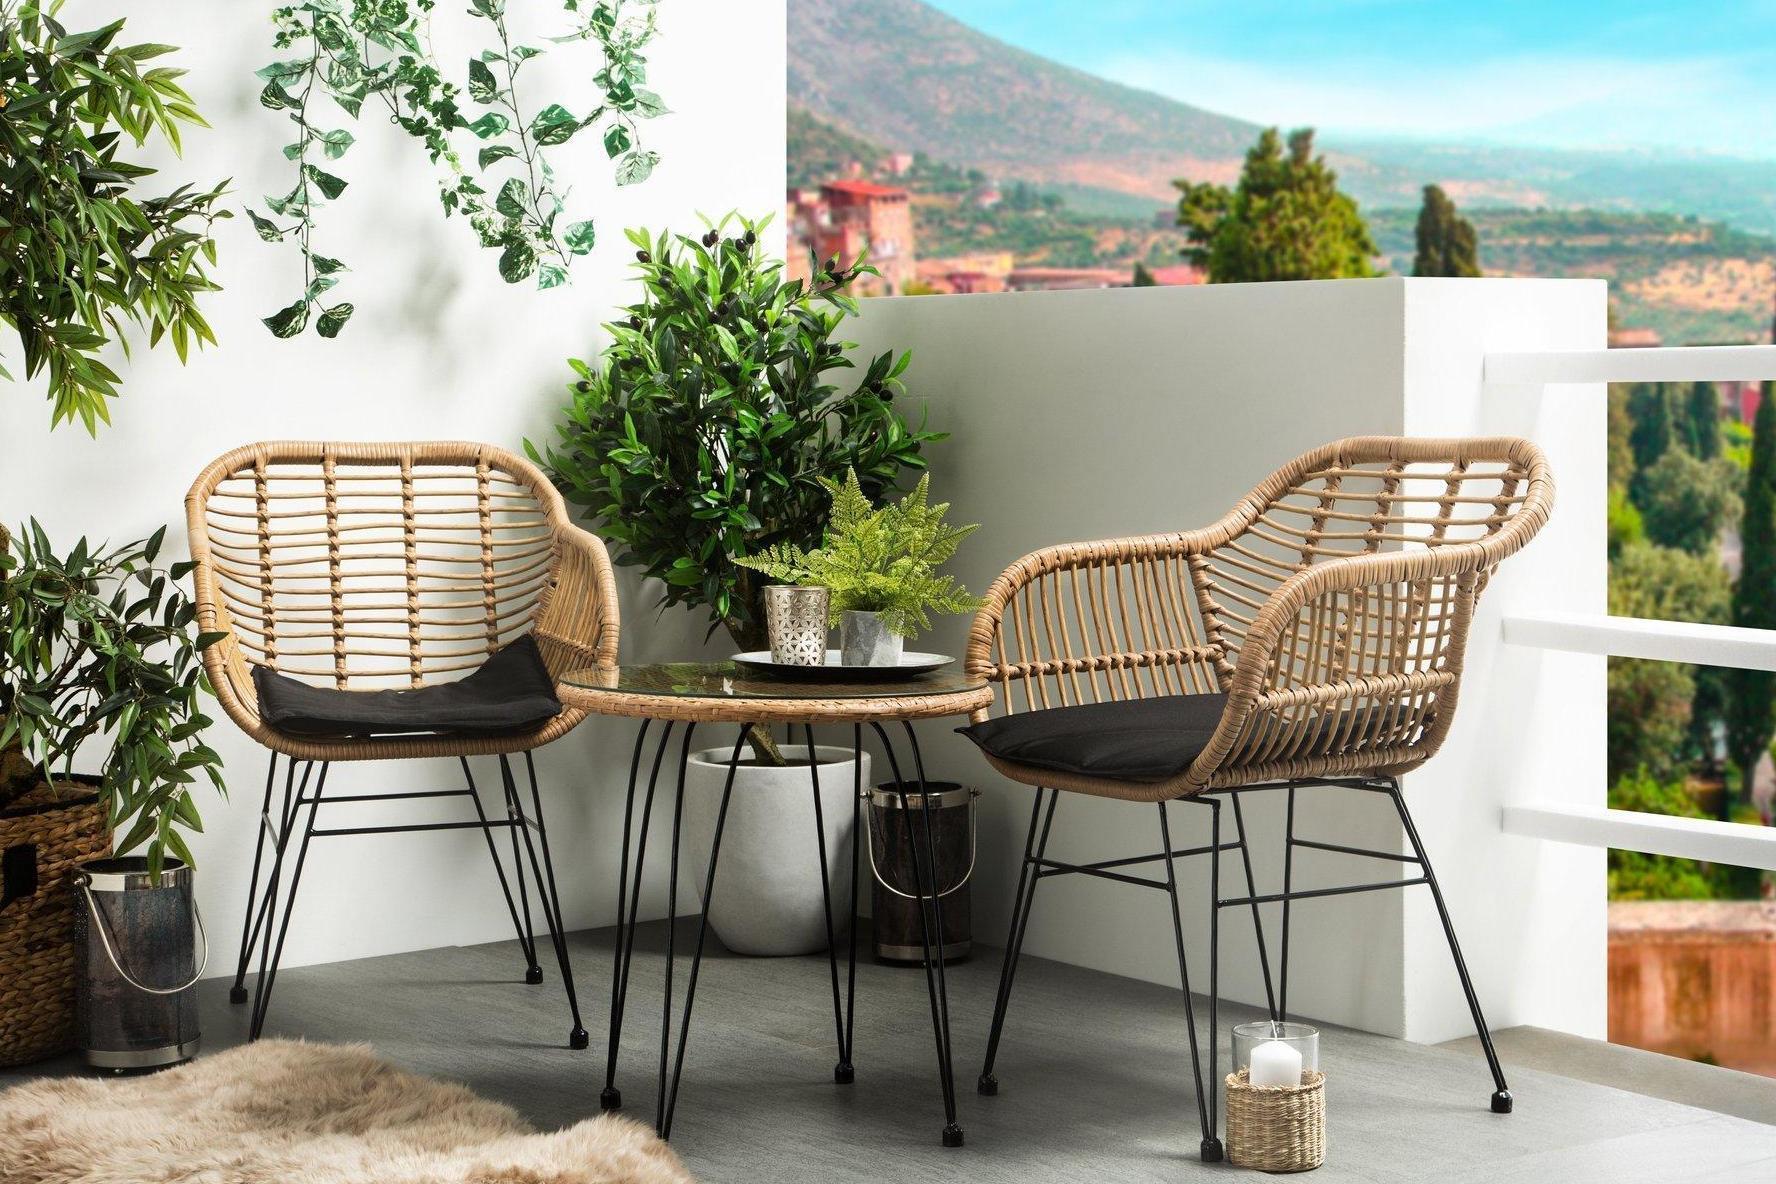 Best Rattan Garden Furniture 2019 London Evening Standard inside dimensions 1776 X 1184